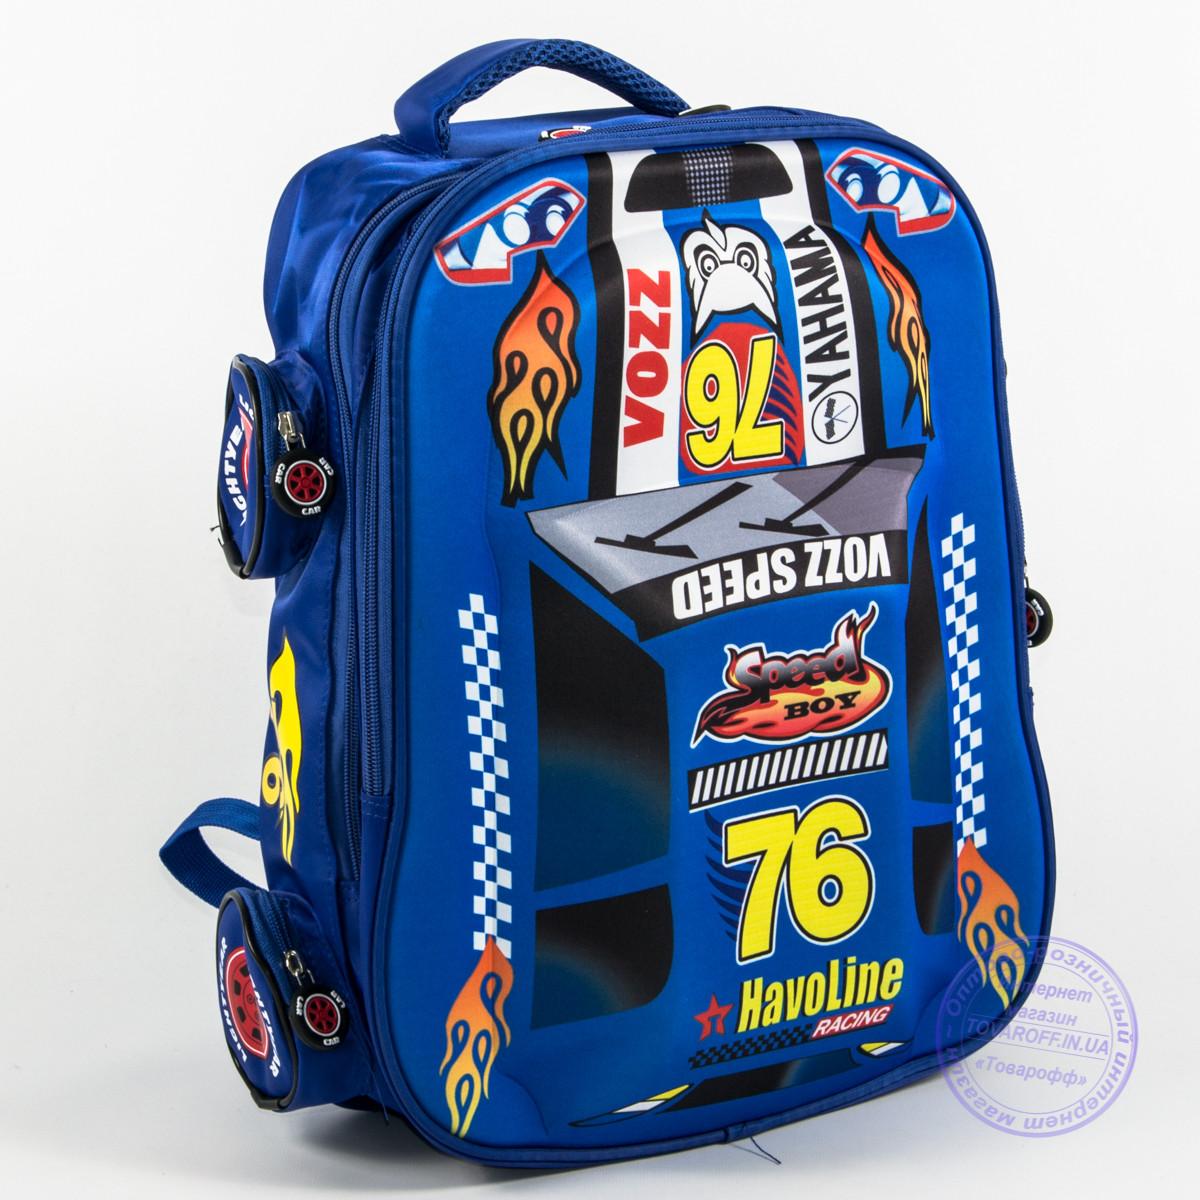 2aac06a8b738 Школьный рюкзак для мальчика 3D машина - синий - 127: заказ, цены в ...